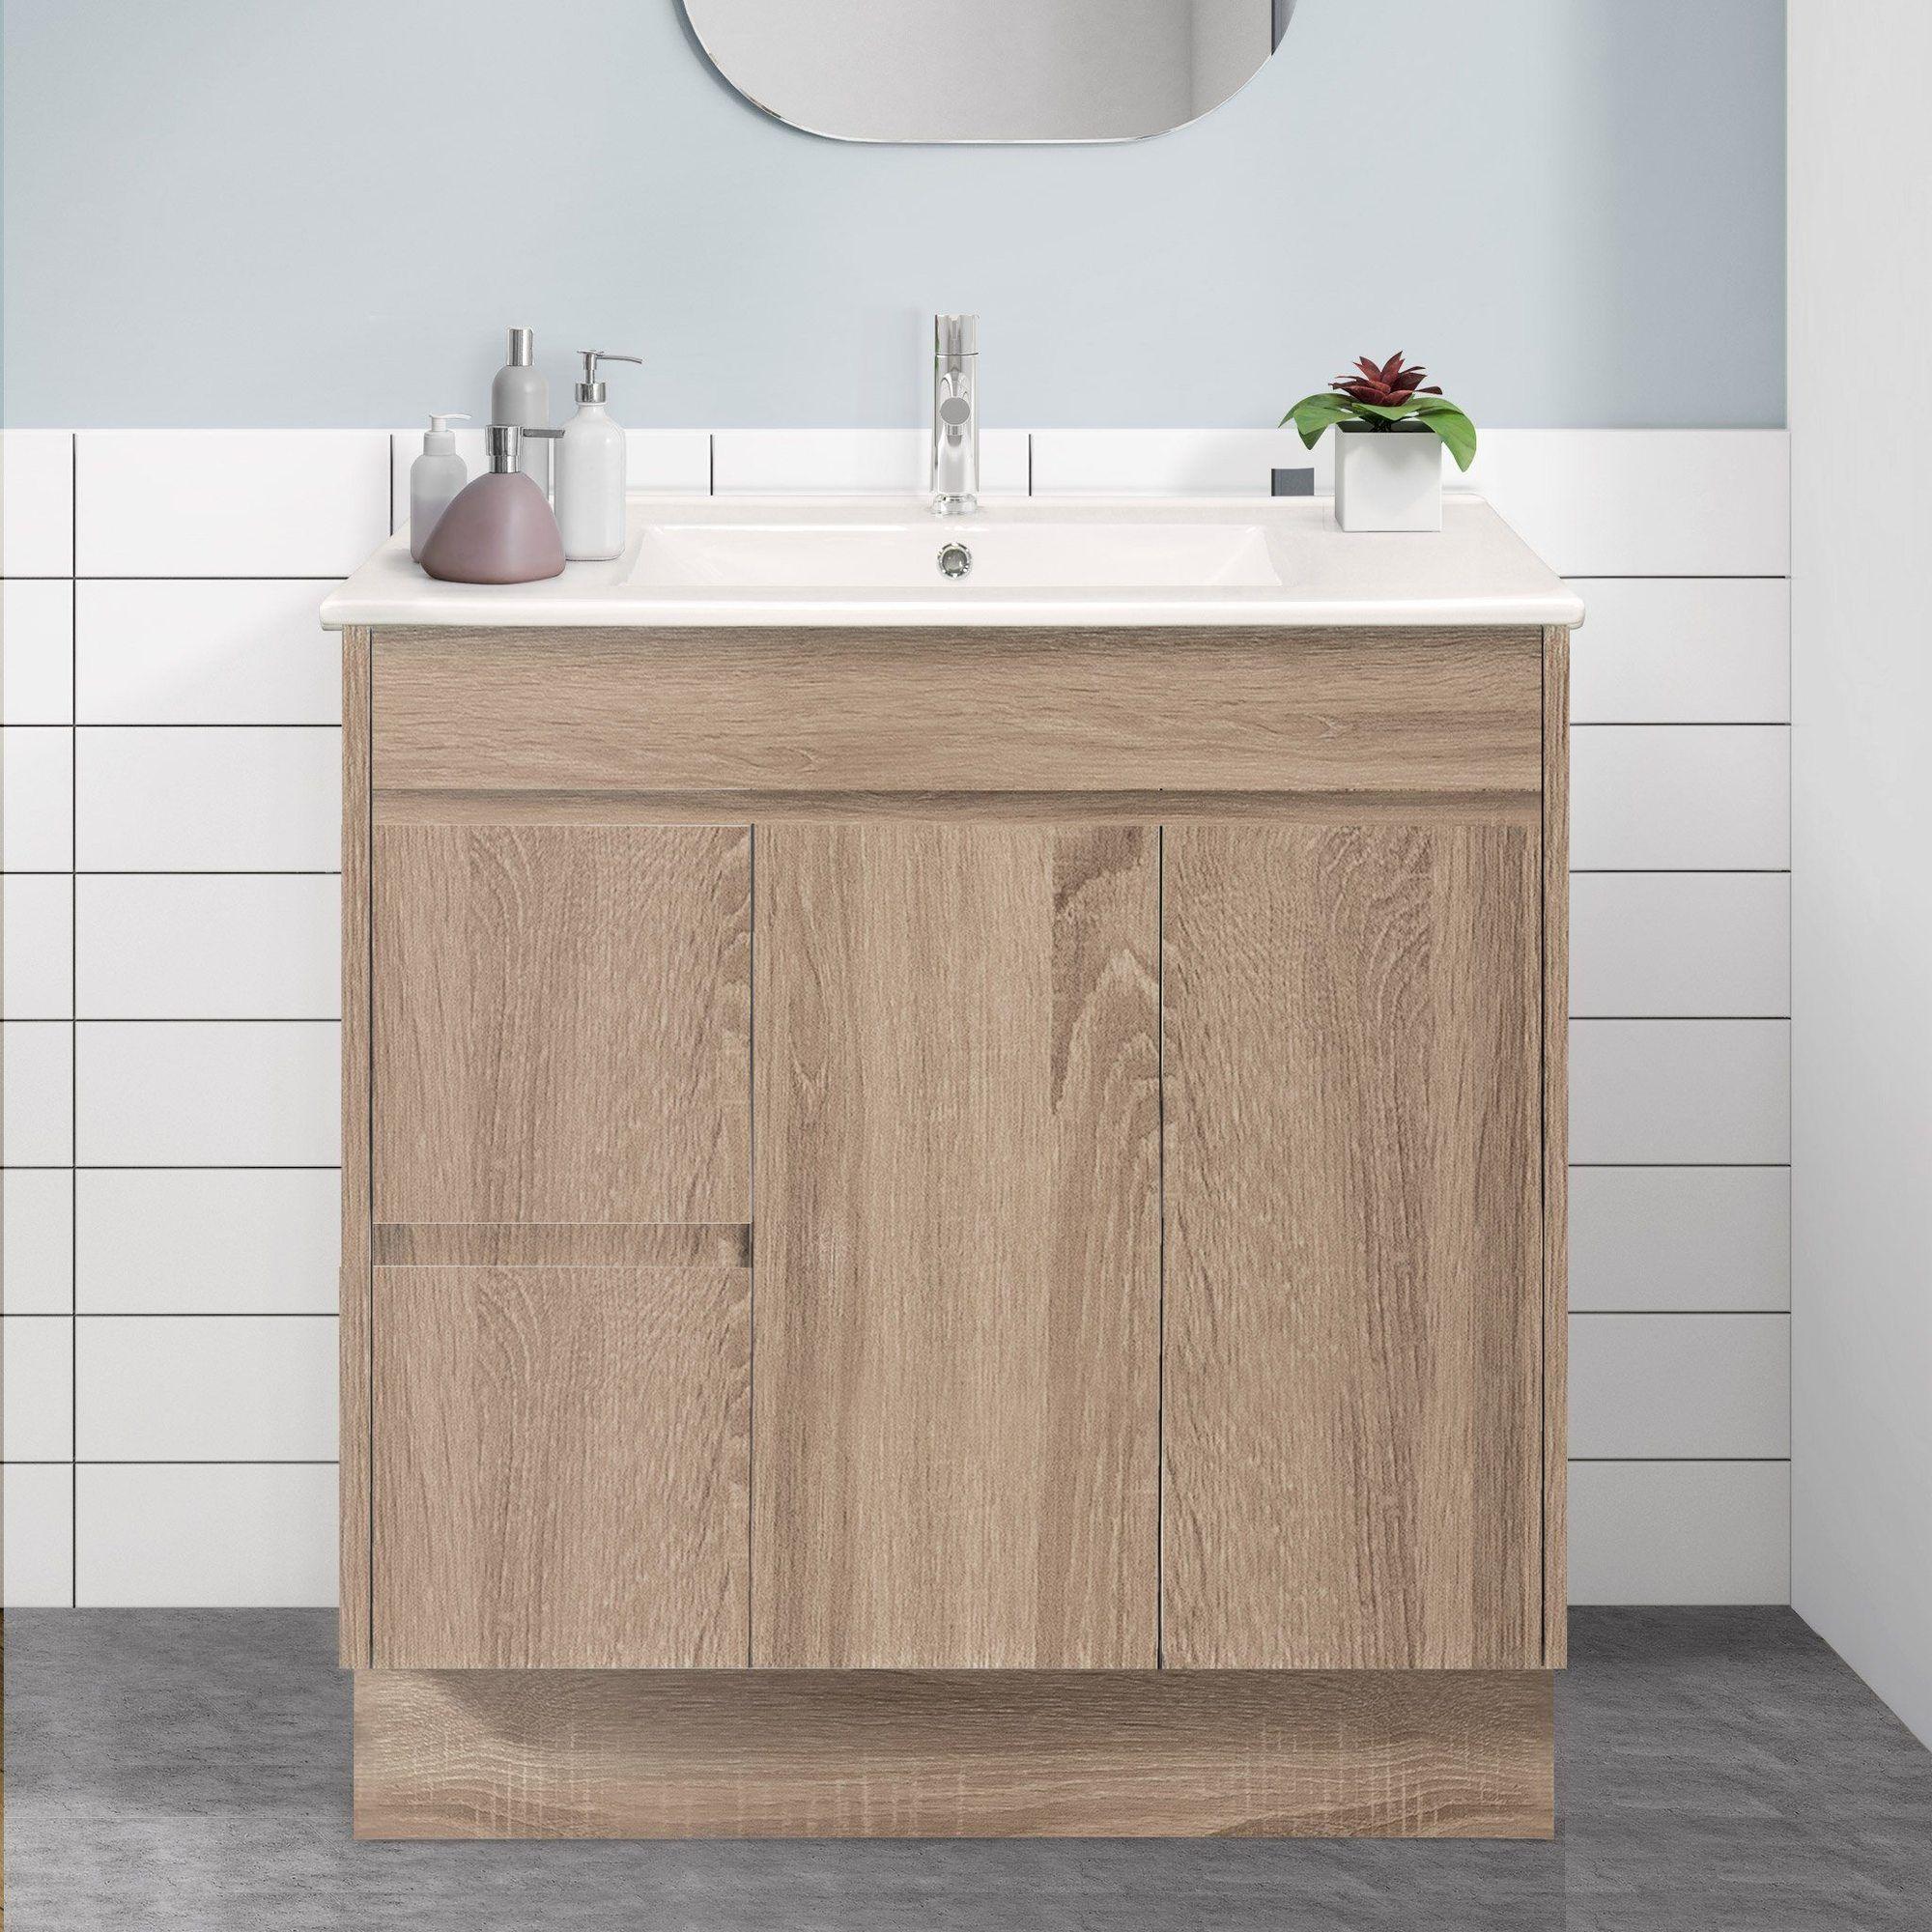 90cm Oak Timber Bathroom Vanity Cabinet Floor Standing